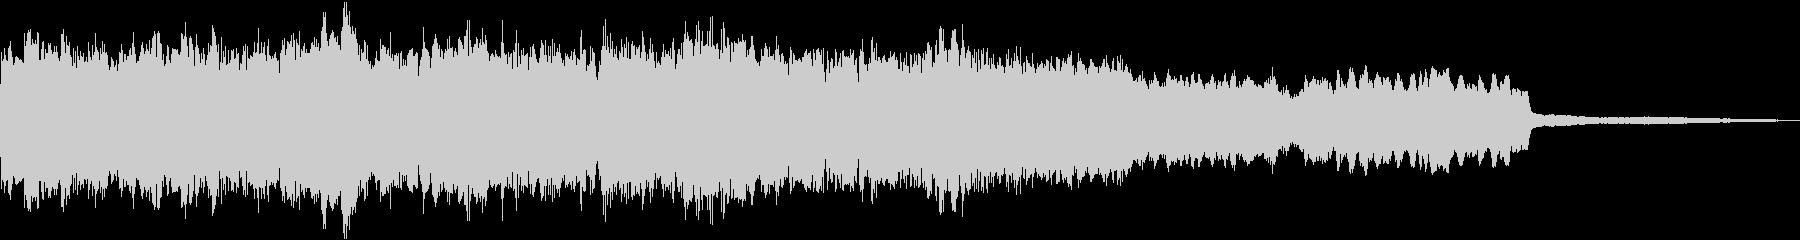 ピアノ、コントラバス、チェロ、ヴァ...の未再生の波形